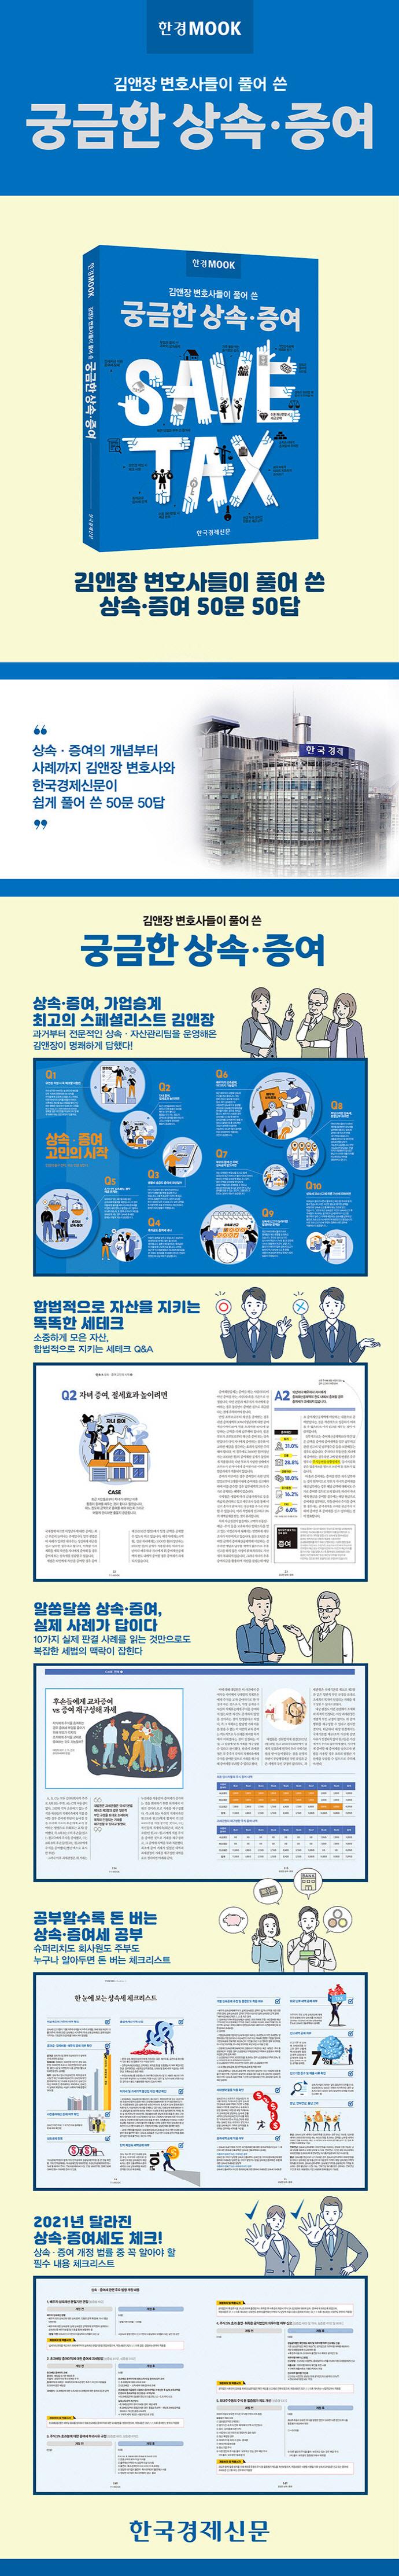 한경무크: 김앤장 변호사들이 풀어 쓴 궁금한 상속·증여 도서 상세이미지